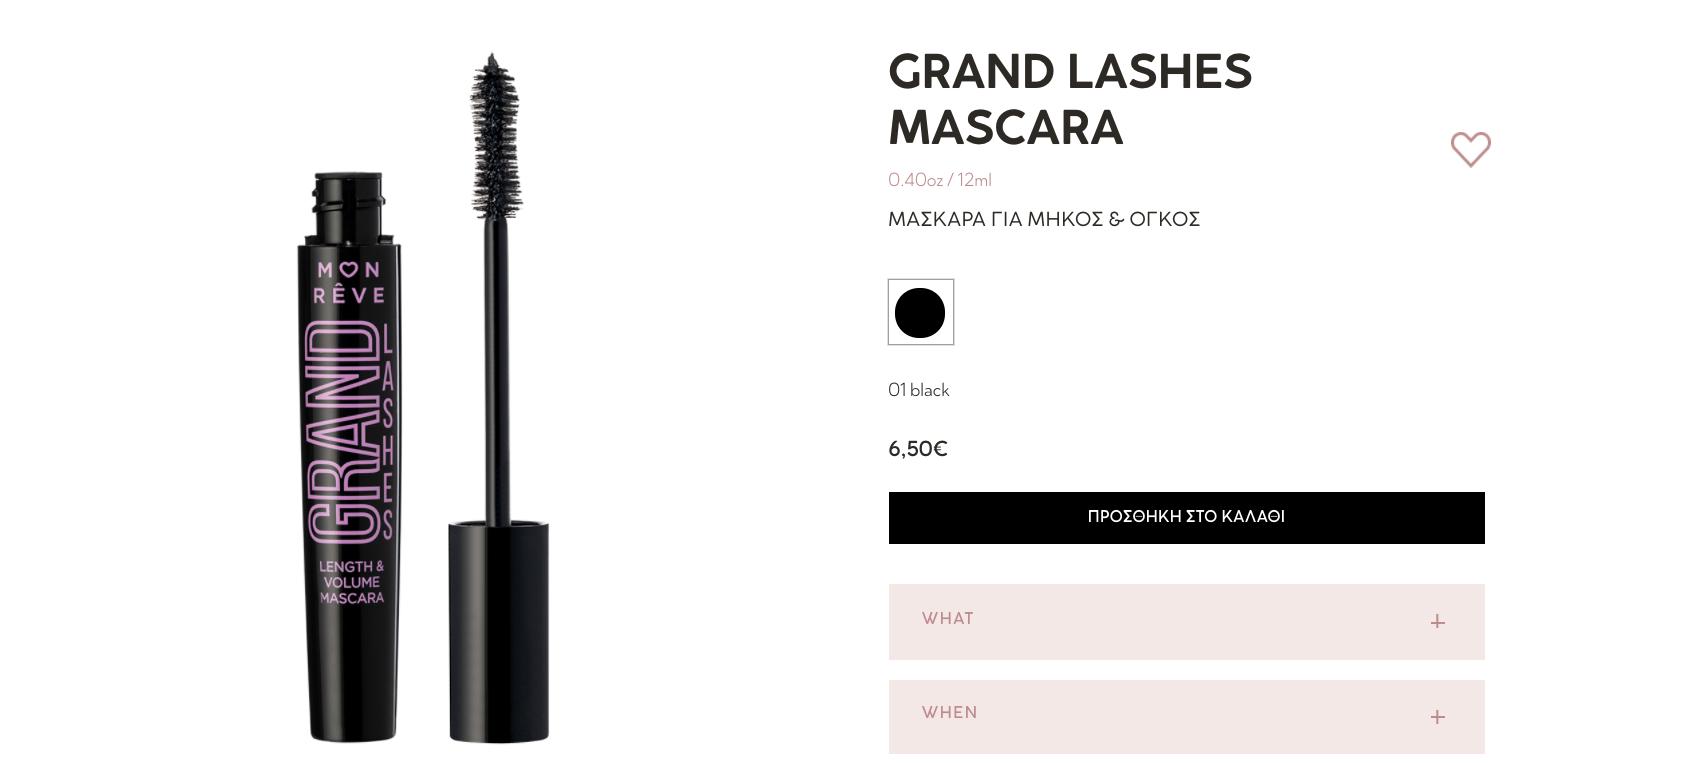 Η ολοκαίνουργια mascara της Mon Reve κοστίζει μόλις 6,5€ και είναι αυτό ακριβώς που χρειάζεσαι